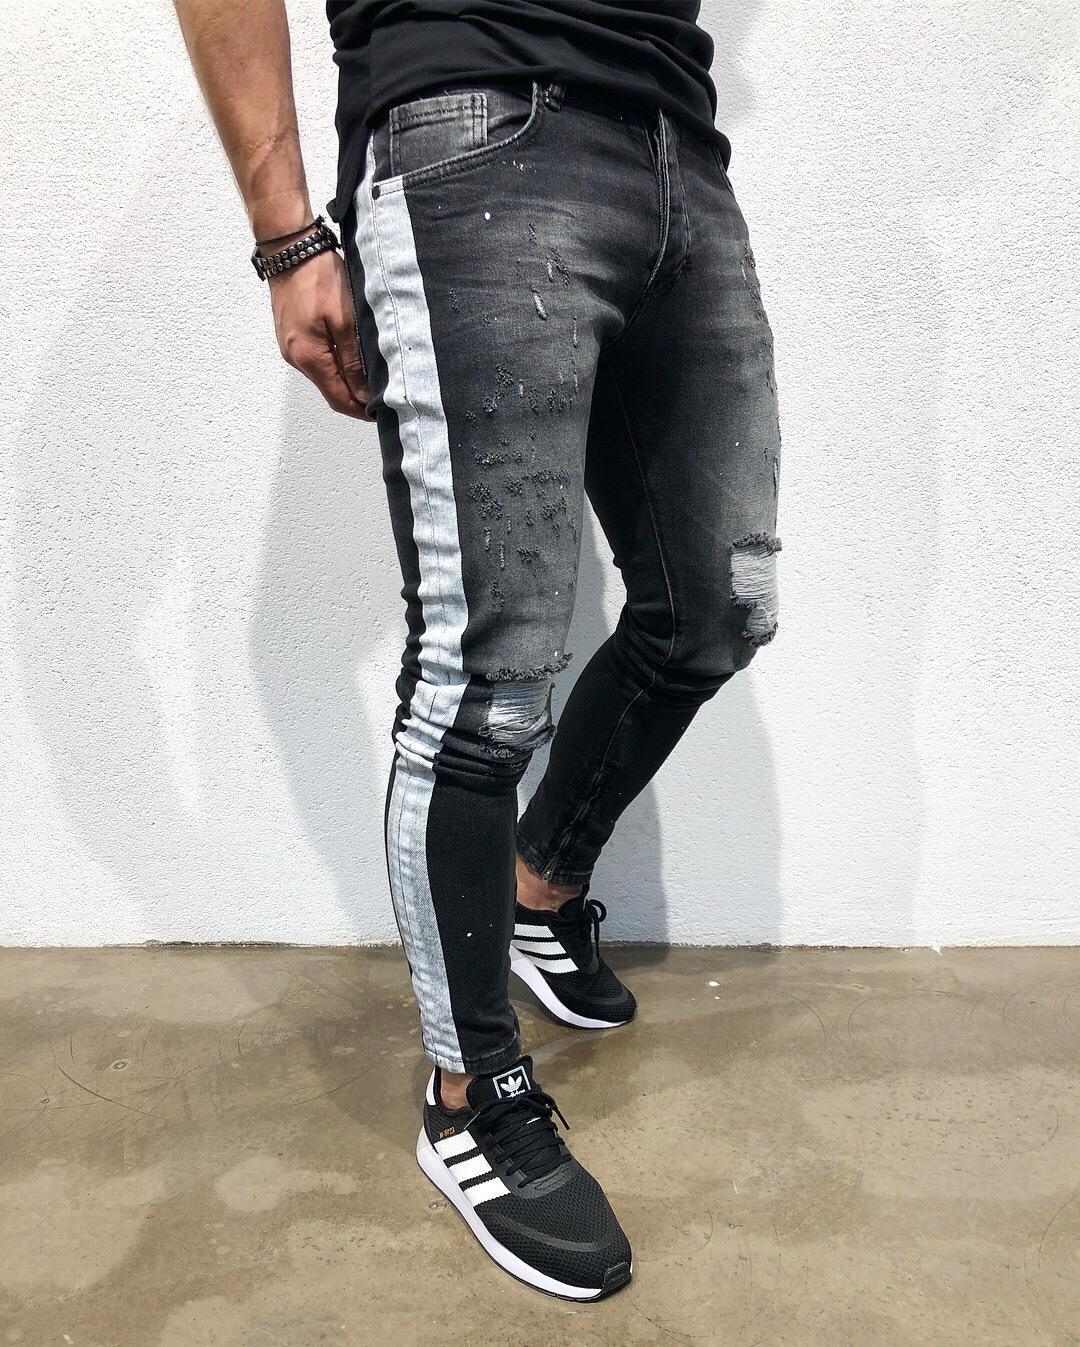 Erkek Tasarımcı Jean Yırtık Siyah Sıkıntılı Slim Fit Kalem Pantolon Uzun Skinny Sokak Kot Pantolon Adam için